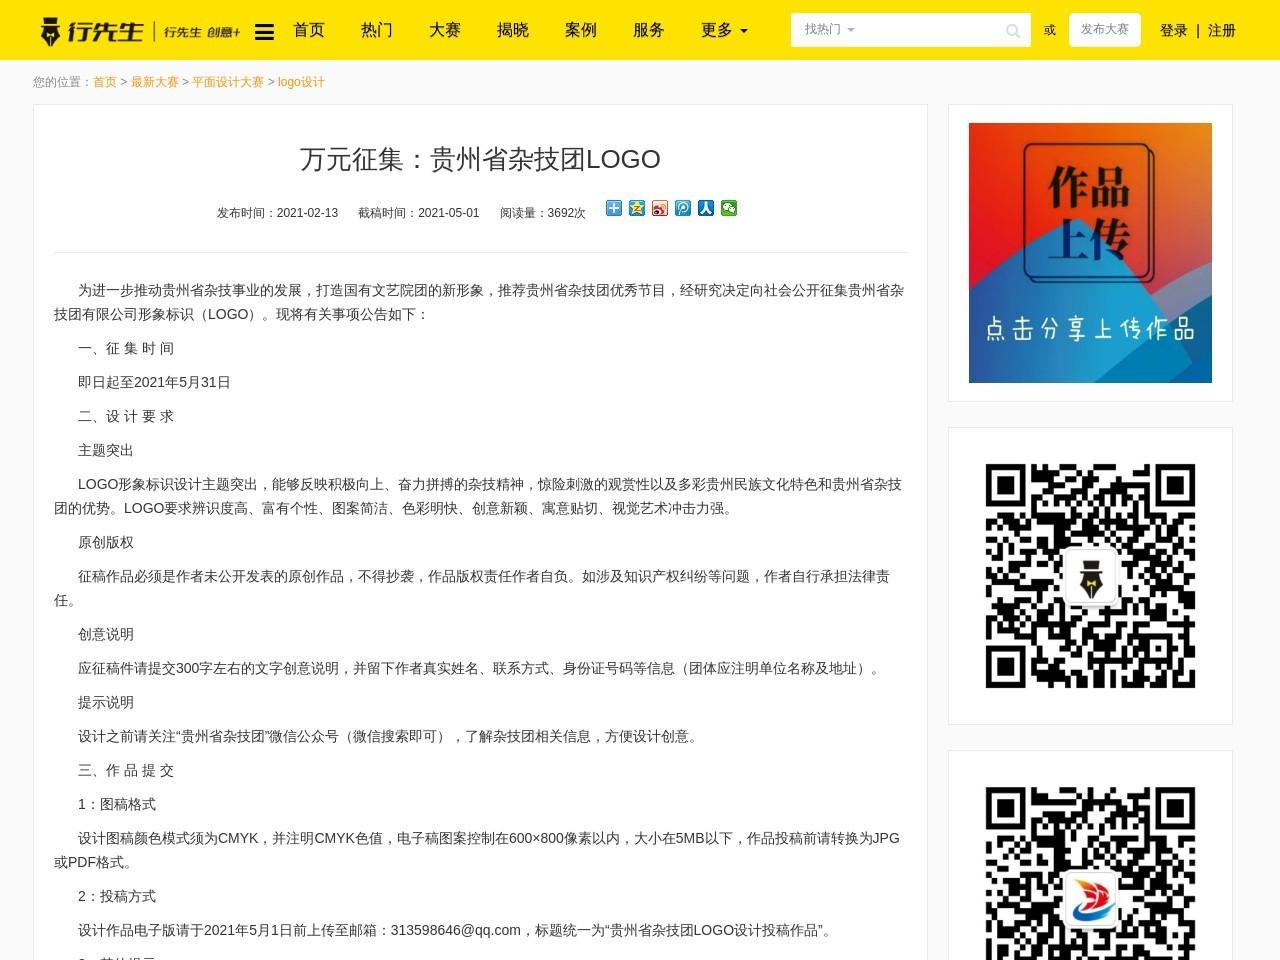 万元征集:贵州省杂技团LOGO